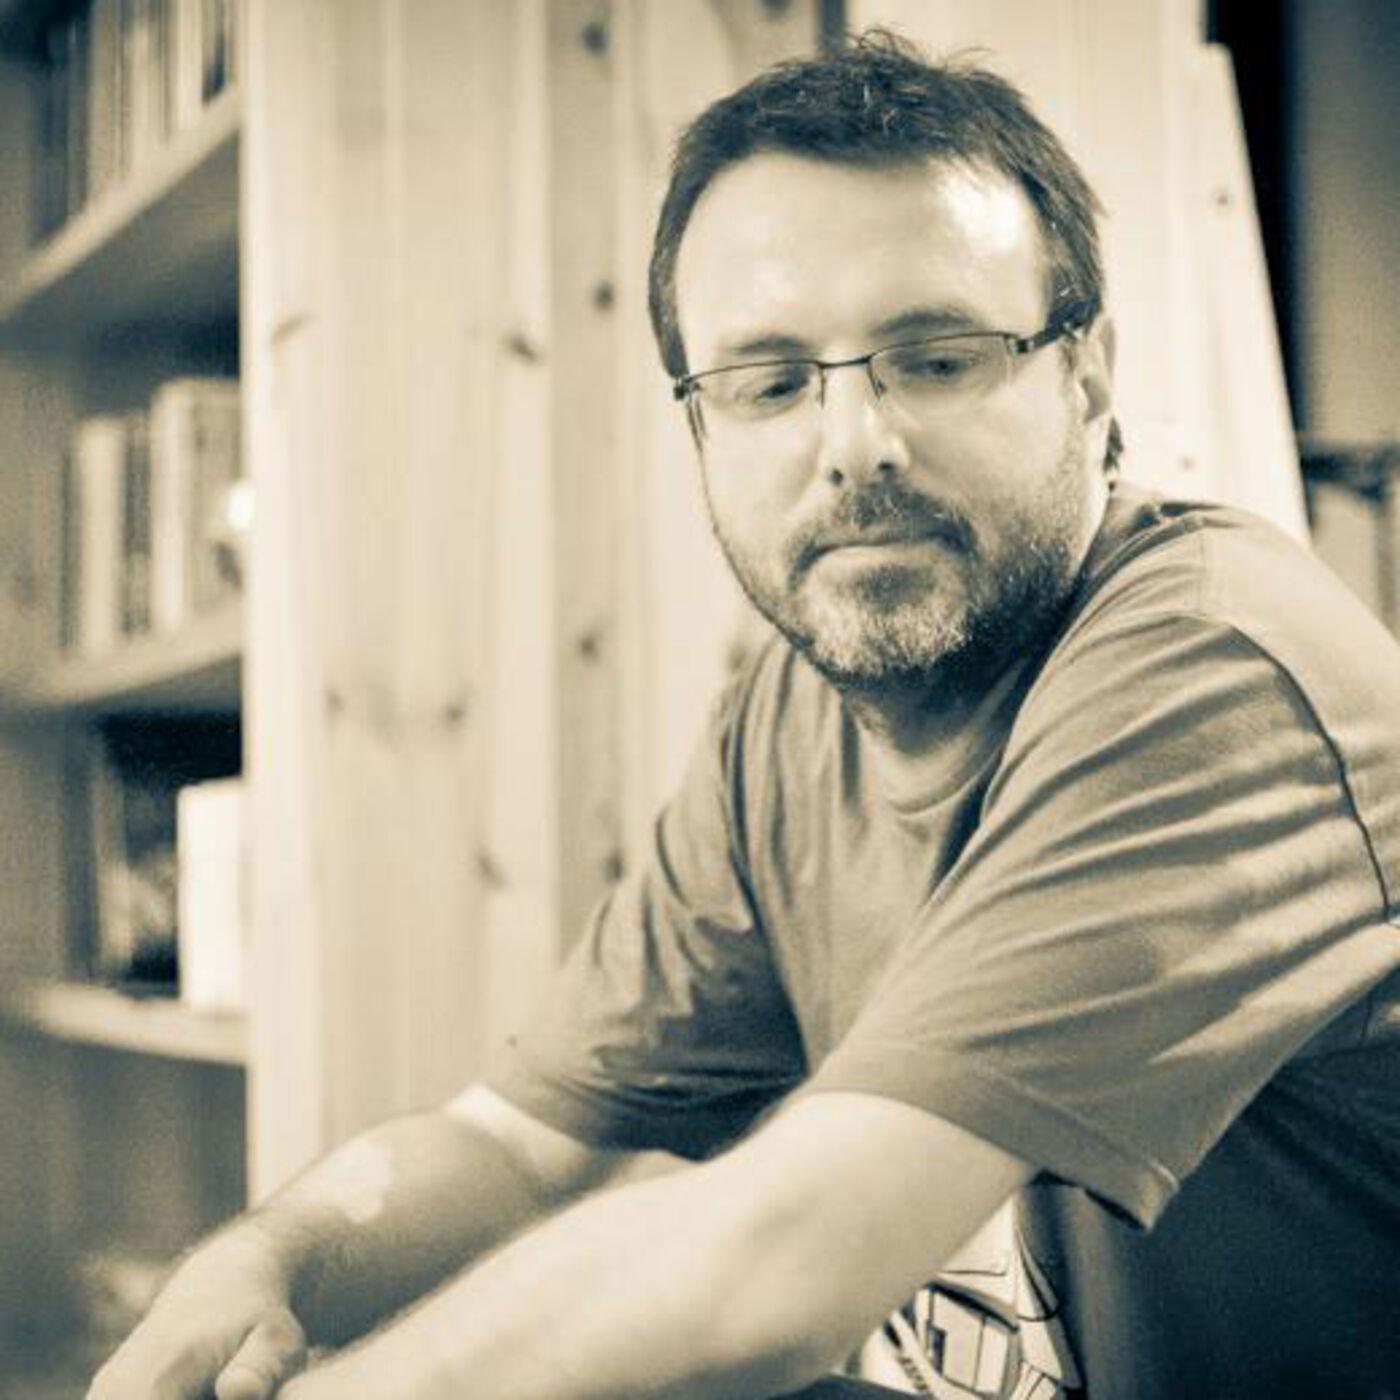 #1. Faskil, Journaliste